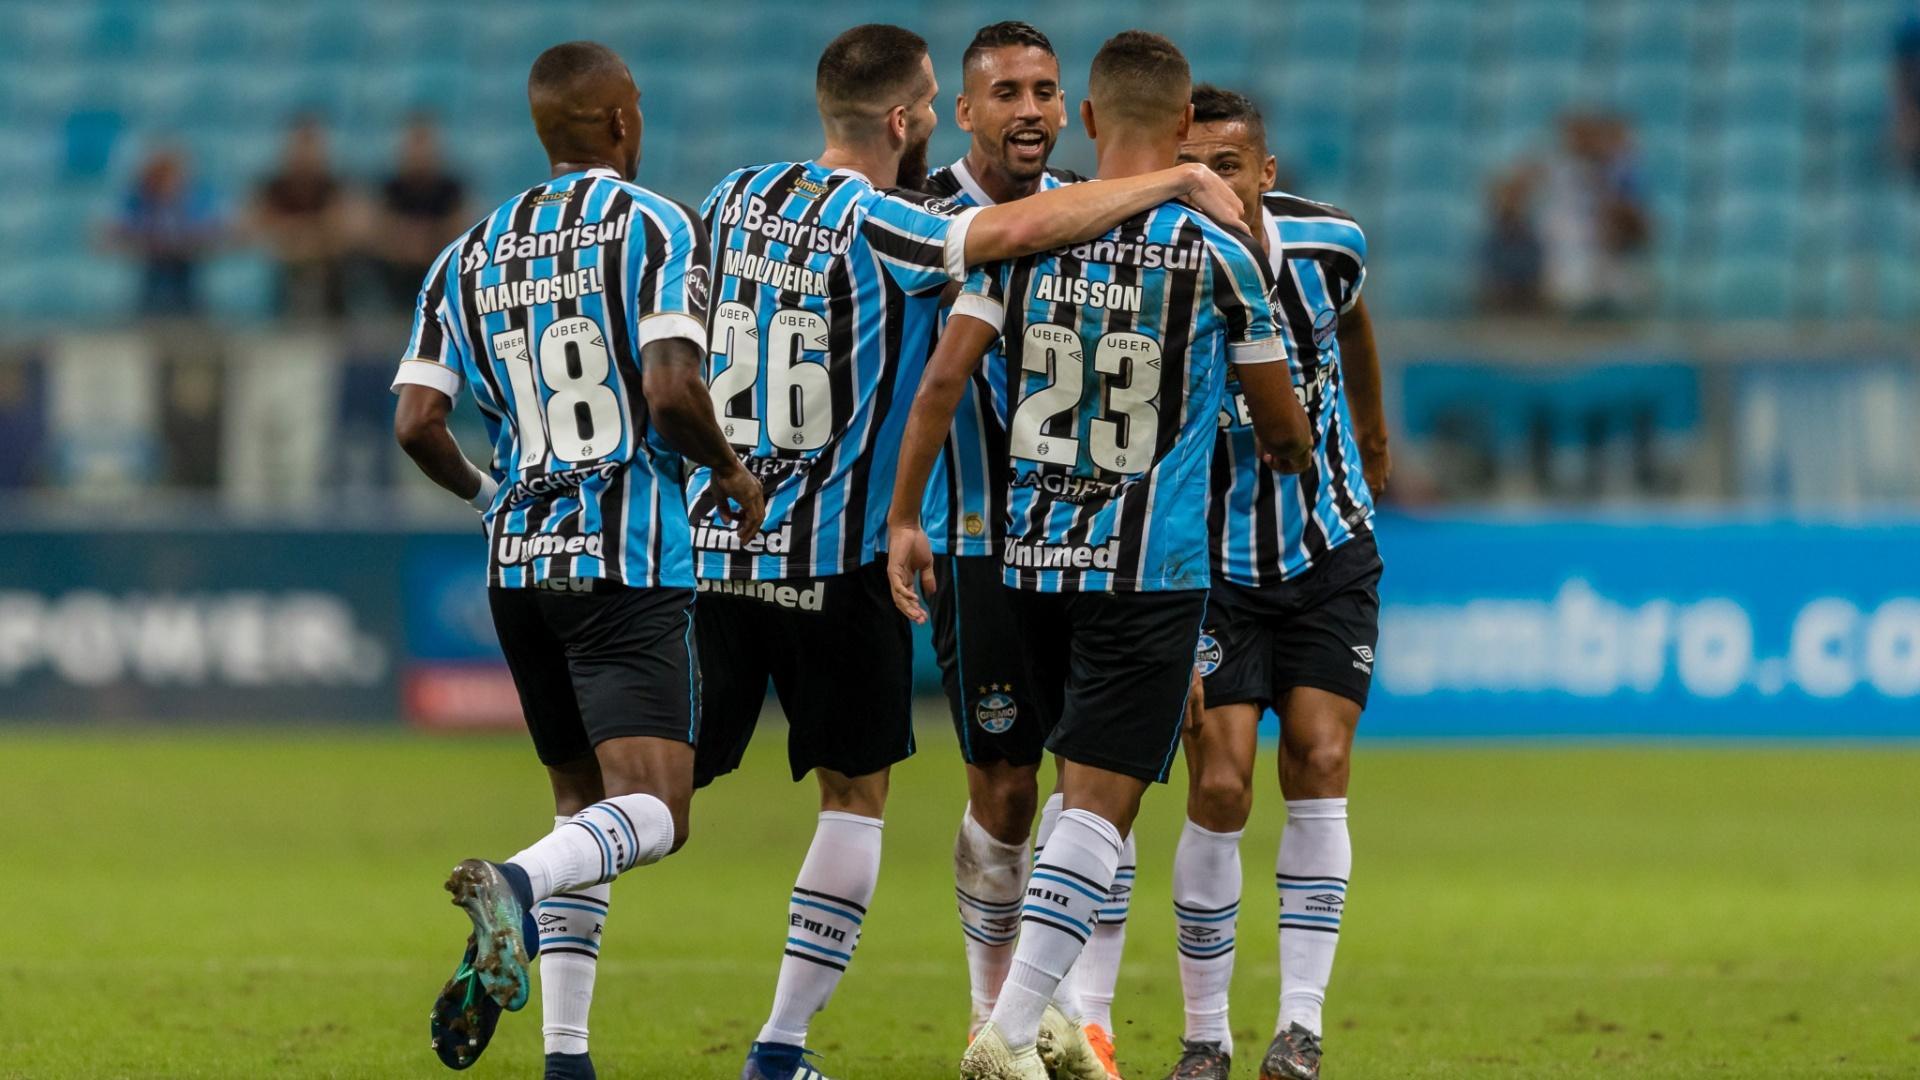 Jogadores do Grêmio comemoram gol contra o Goiás em jogo da Copa do Brasil